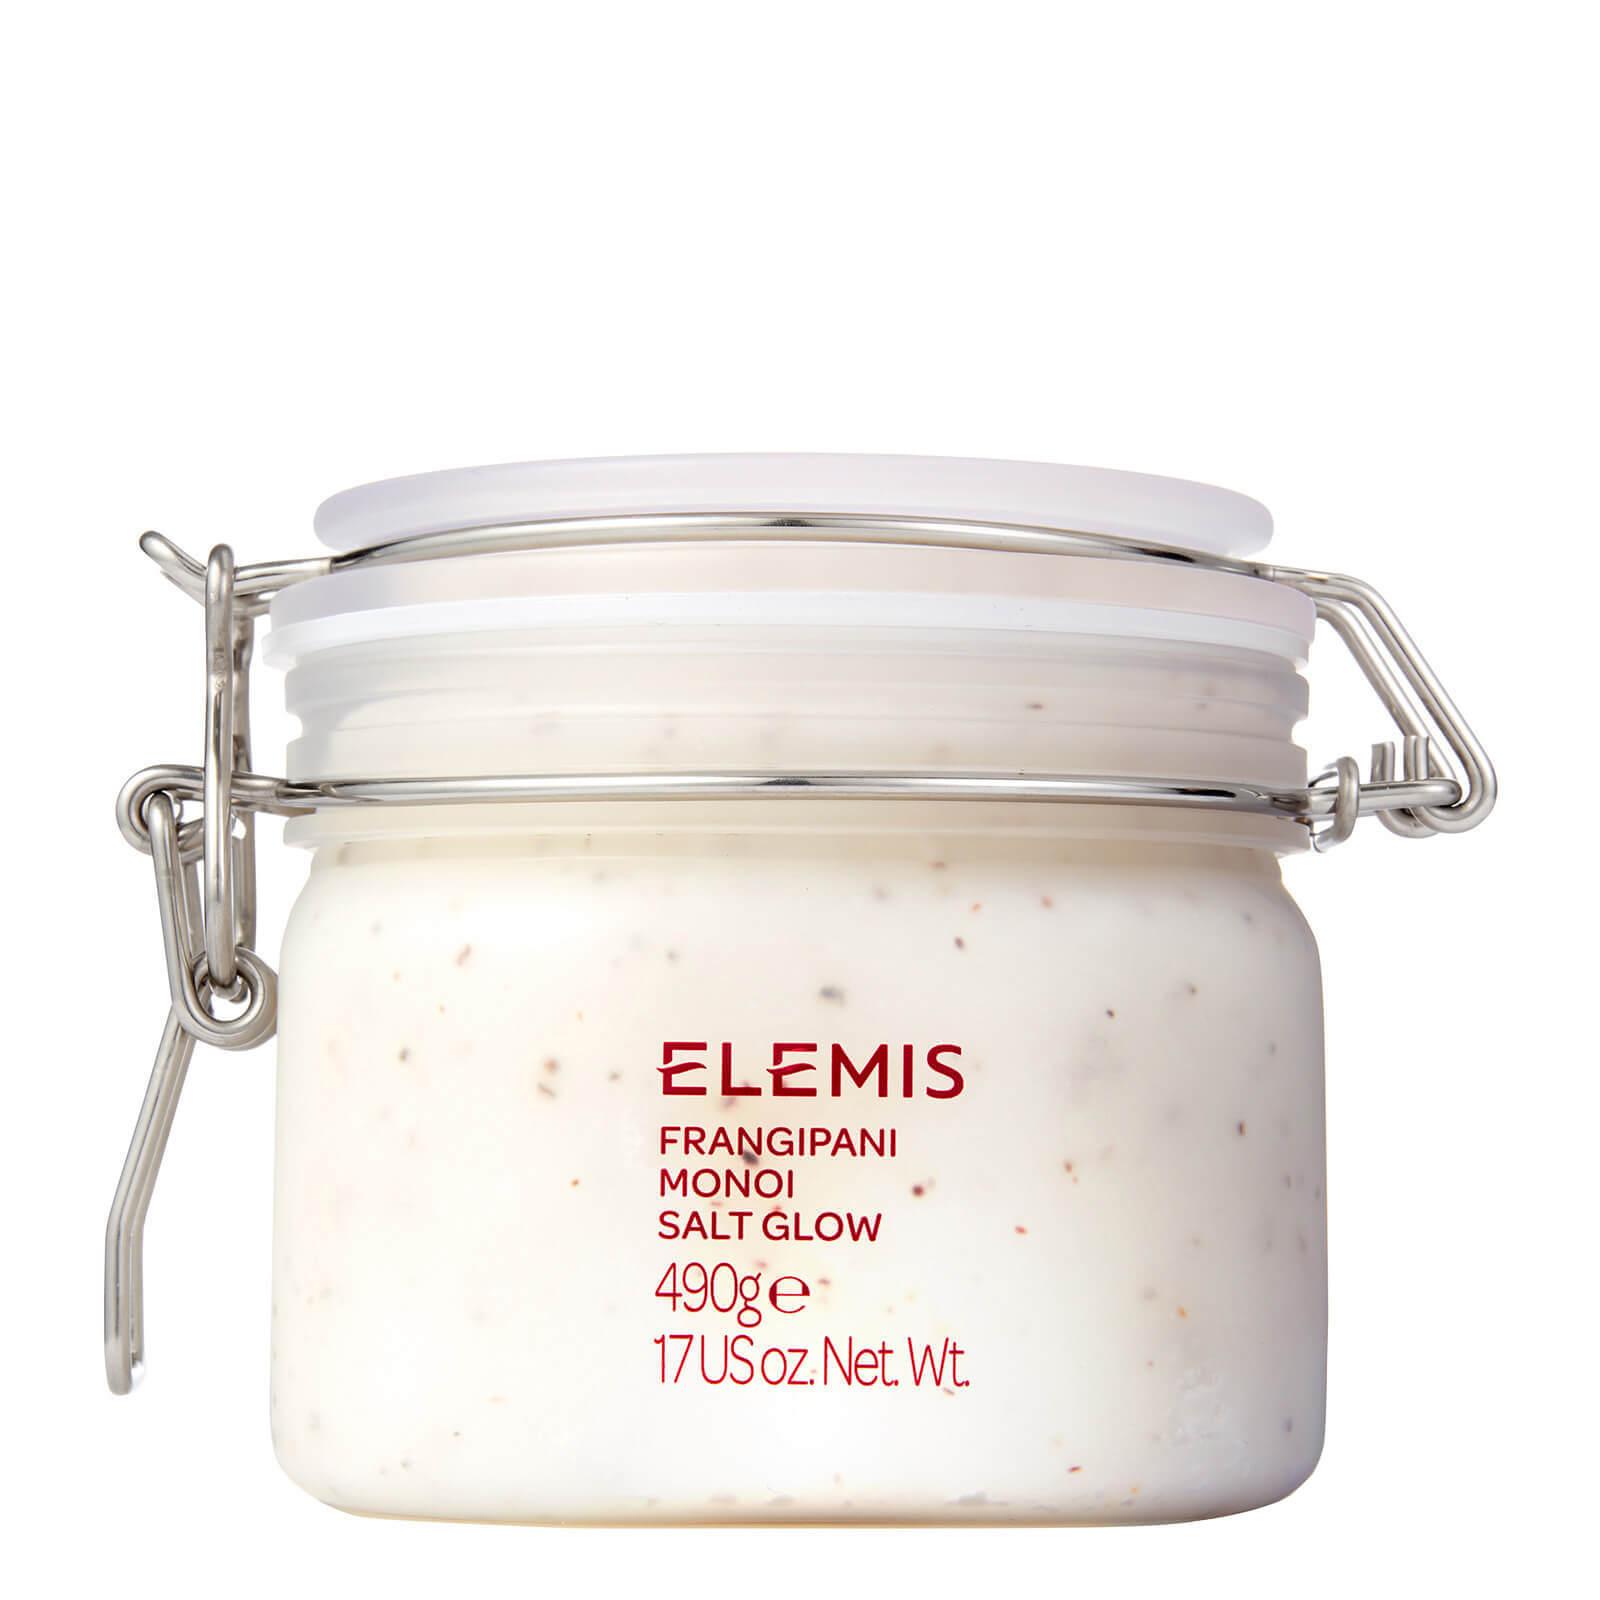 Купить Elemis Frangipani Monoi Salt Glow 490g